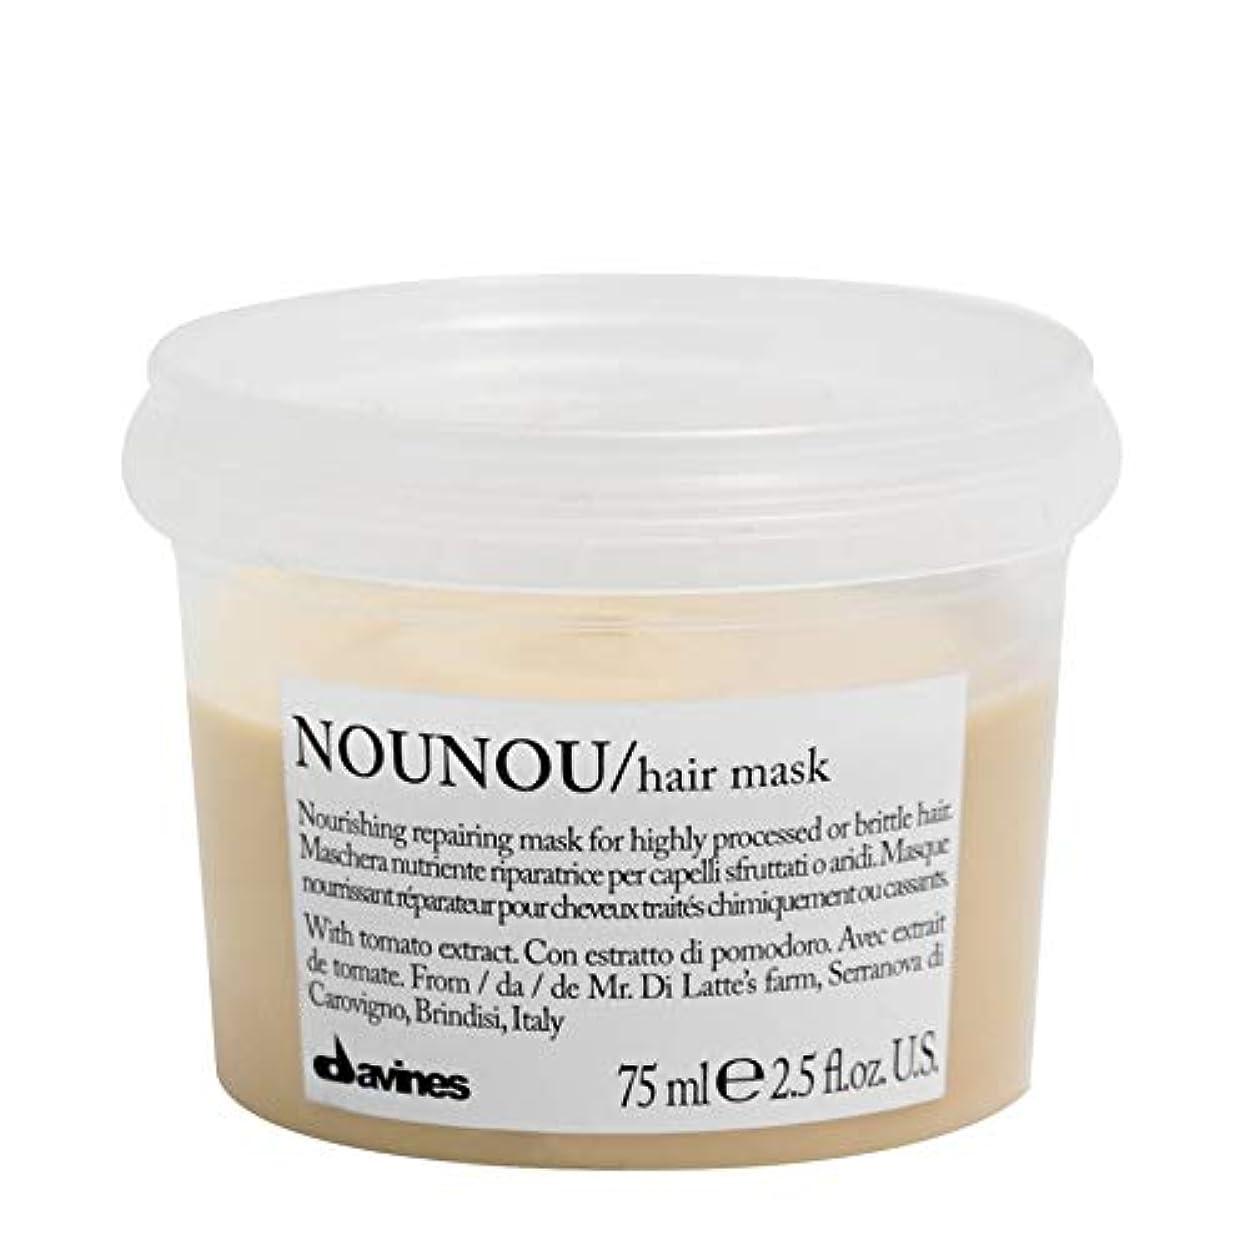 間違い格差見せます[Davines ] ヘアマスク75ミリリットルノウノウダヴィネス - Davines NouNou Hair Mask 75ml [並行輸入品]